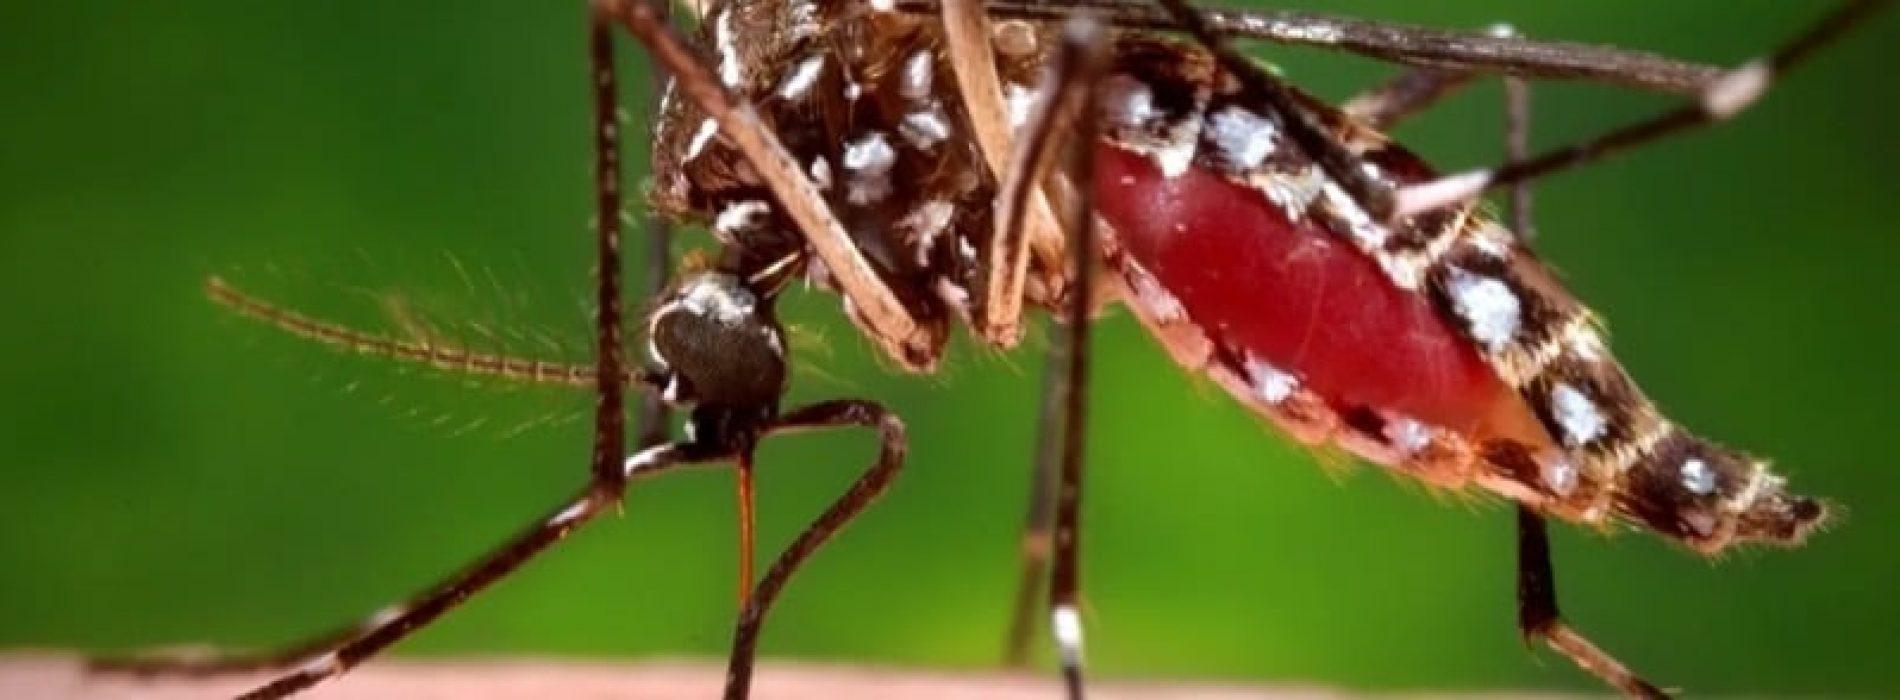 BioNTech mira a sviluppare il primo vaccino contro la malaria a mRNA e la capacità di produrlo in Africa